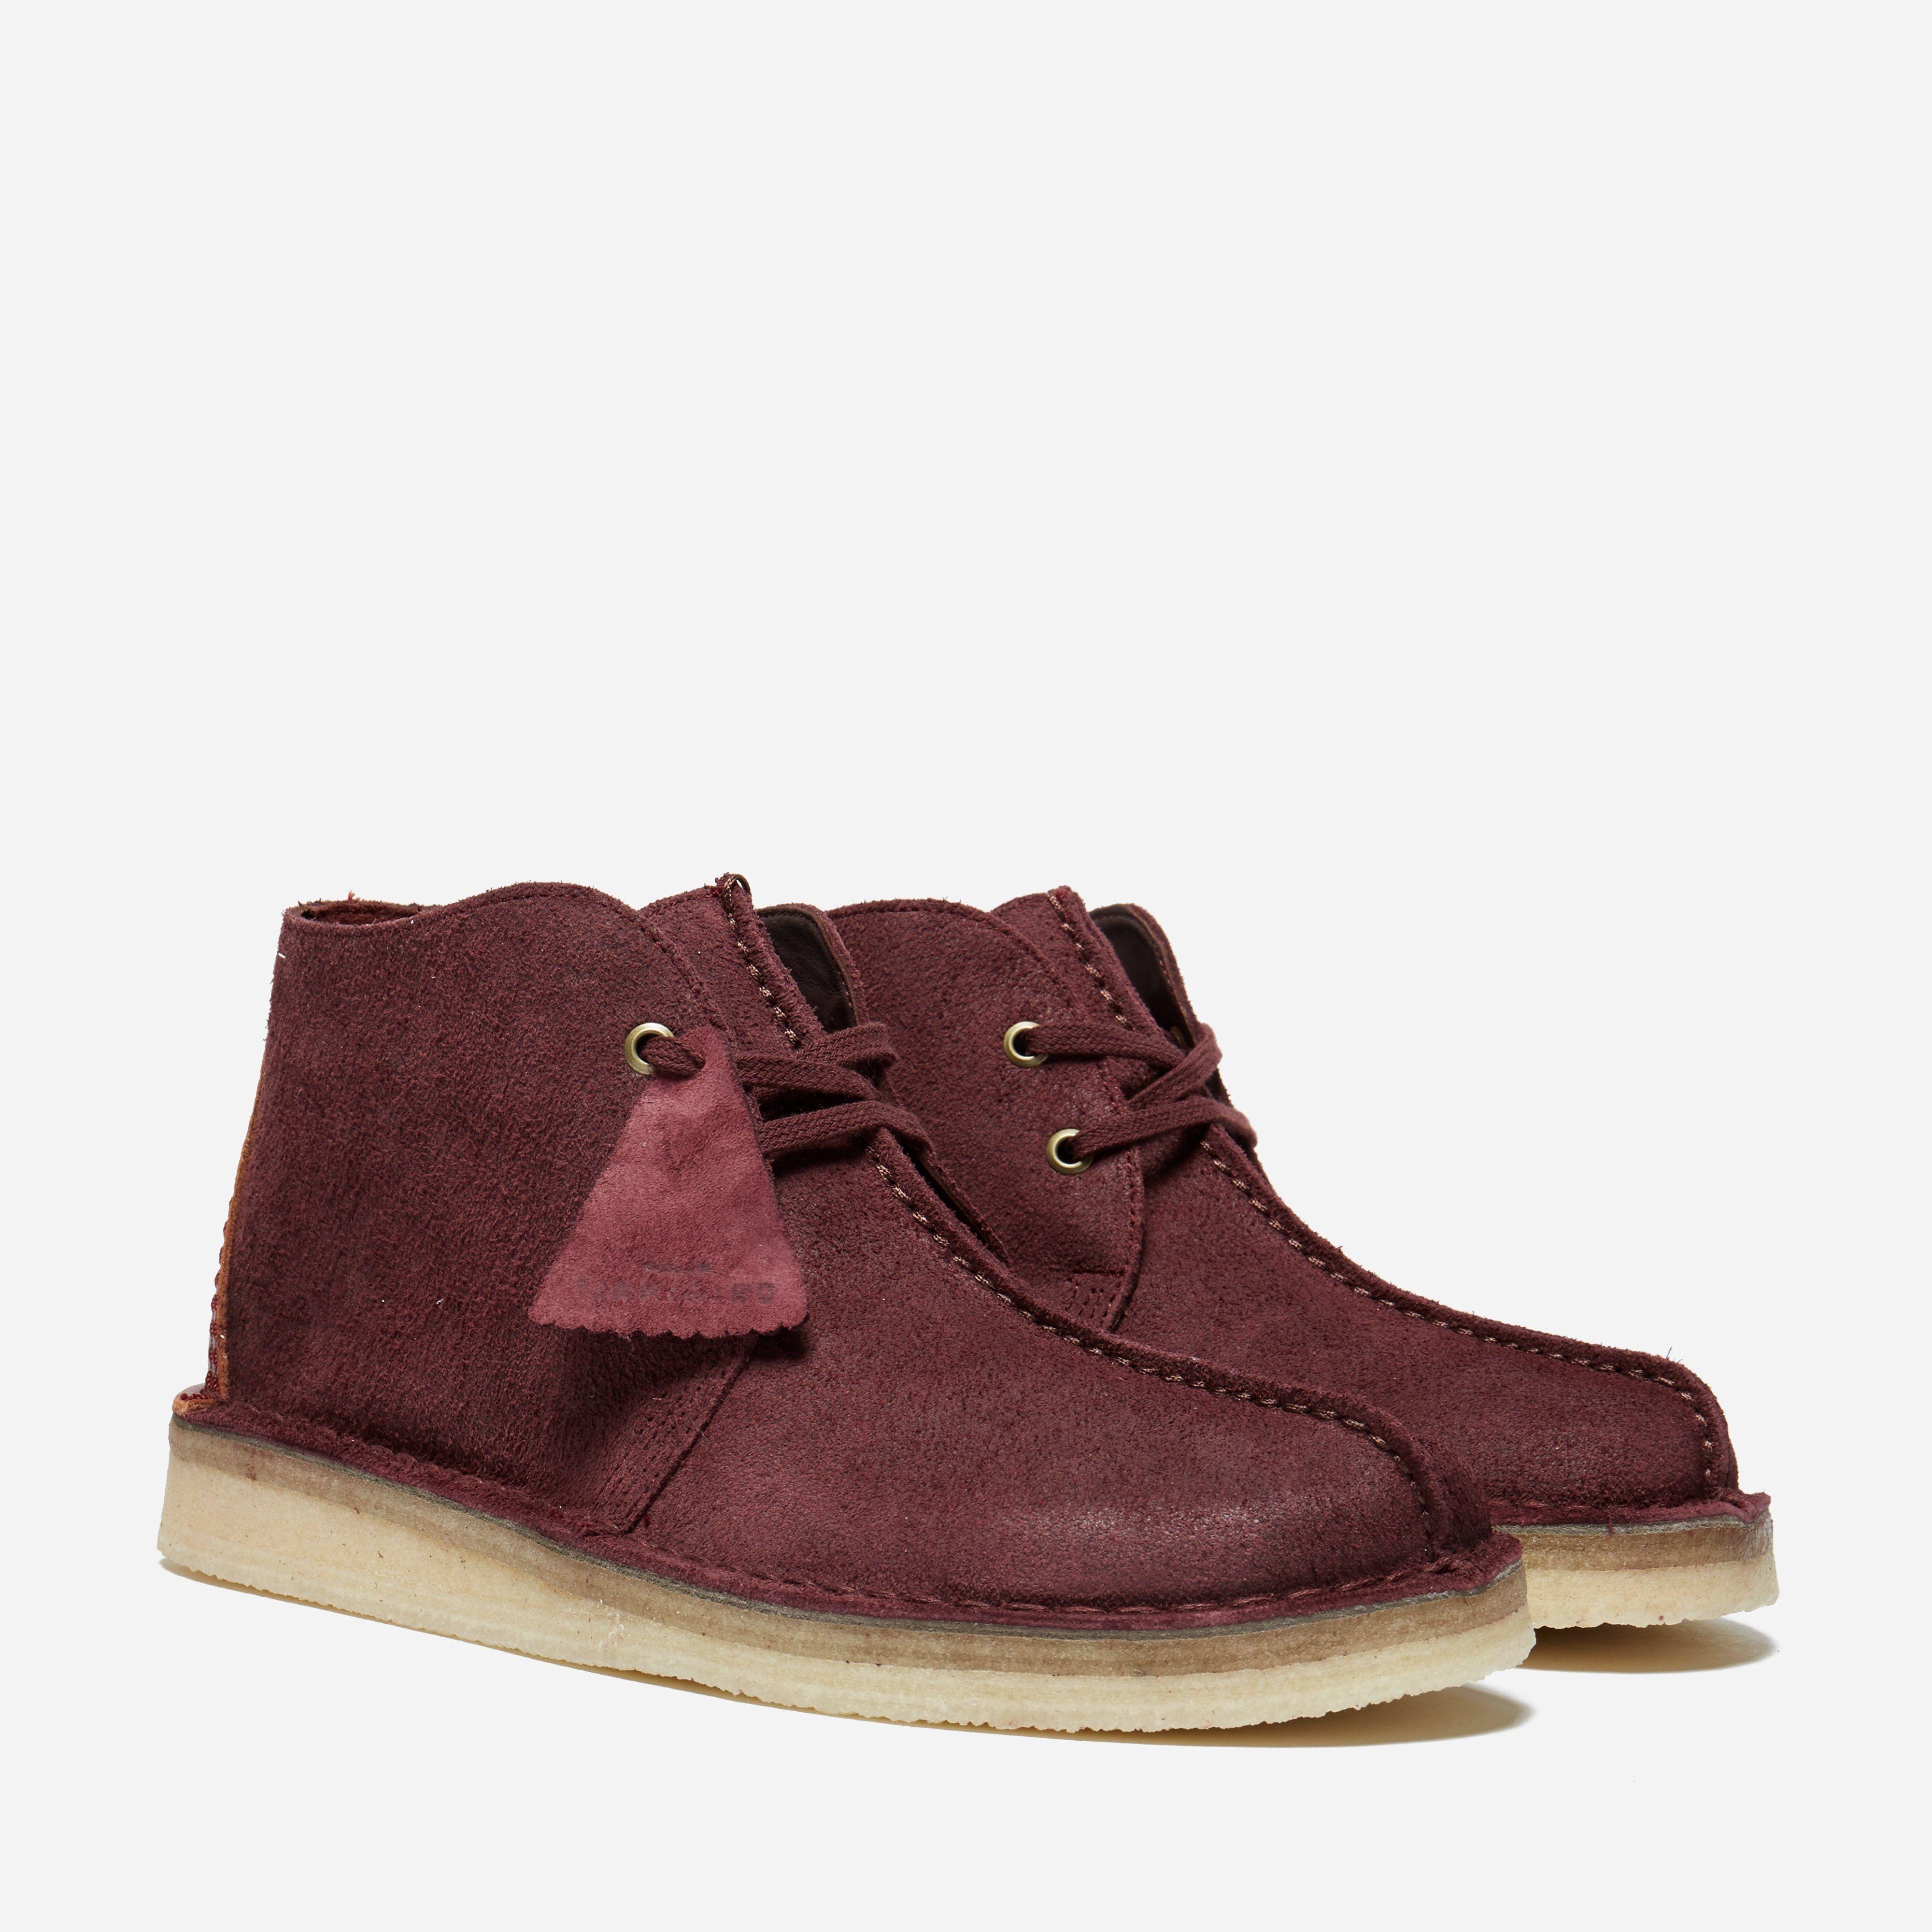 separation shoes b968b af349 Clarks Originals Desert Trek Hi   The Hip Store